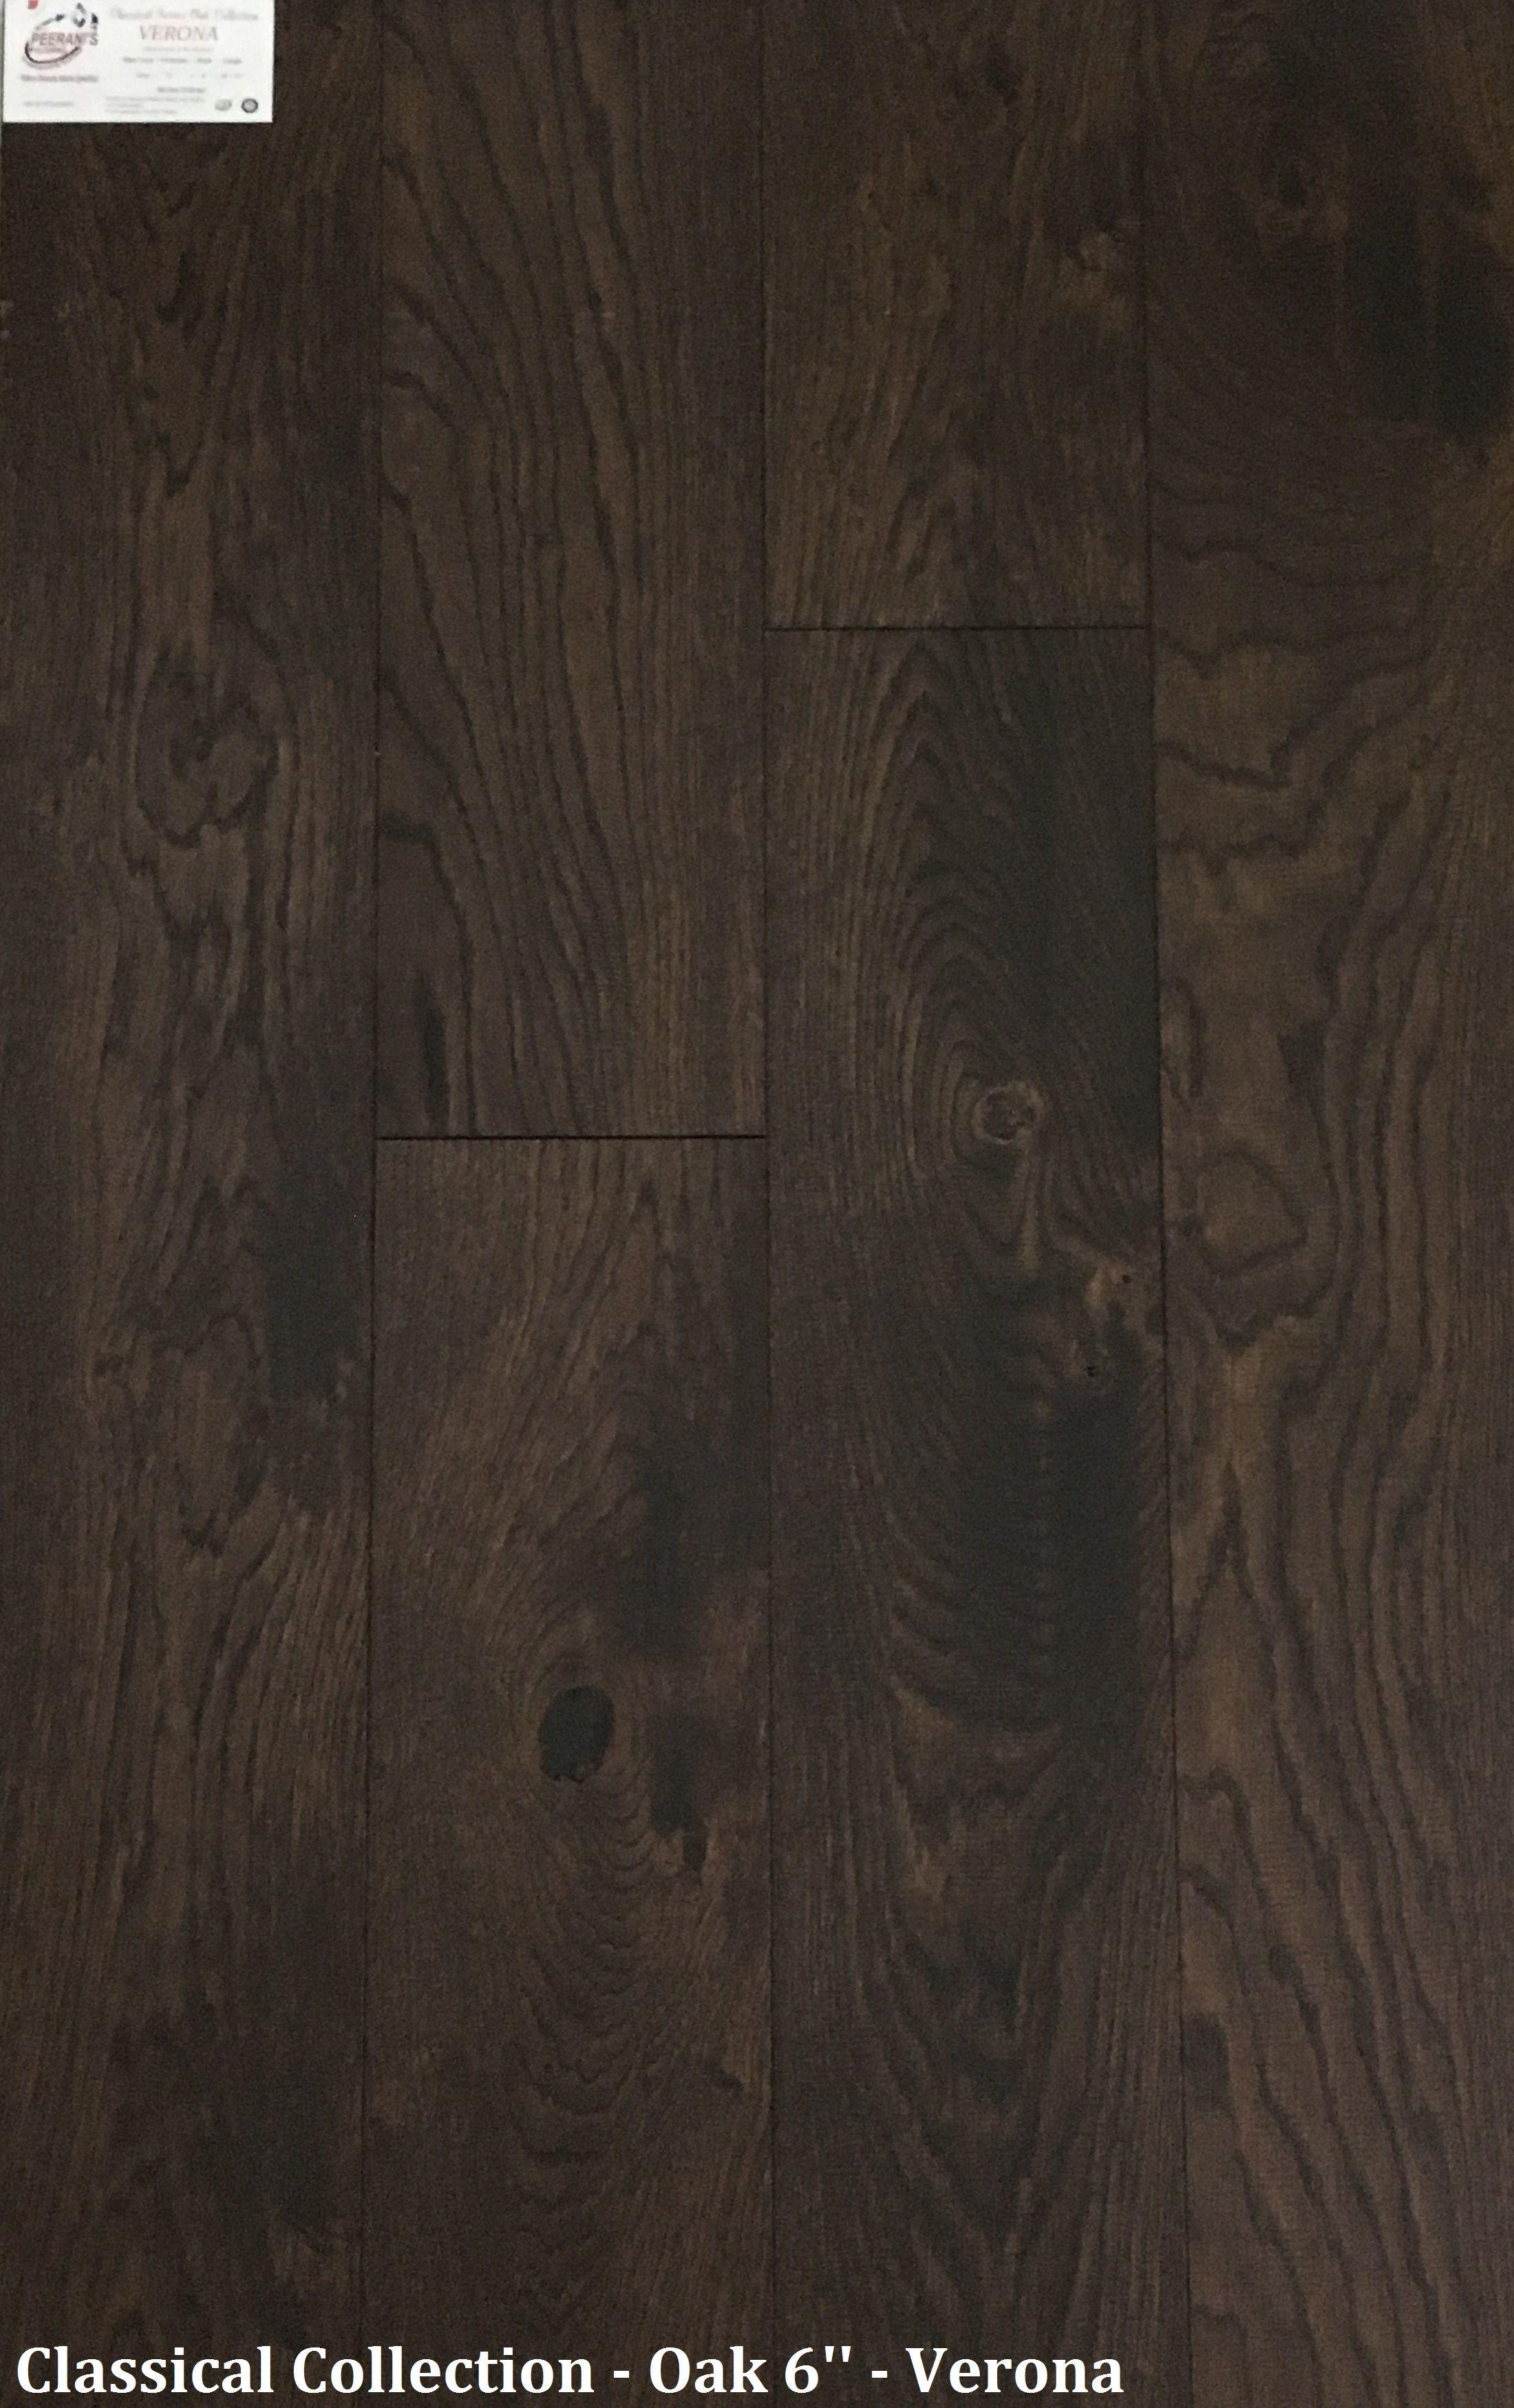 bd hardwood floors of pin by peeranis flooring on peeranis classical series engineered regarding pin by peeranis flooring on peeranis classical series engineered hardwood flooring collection pinterest engineered hardwood